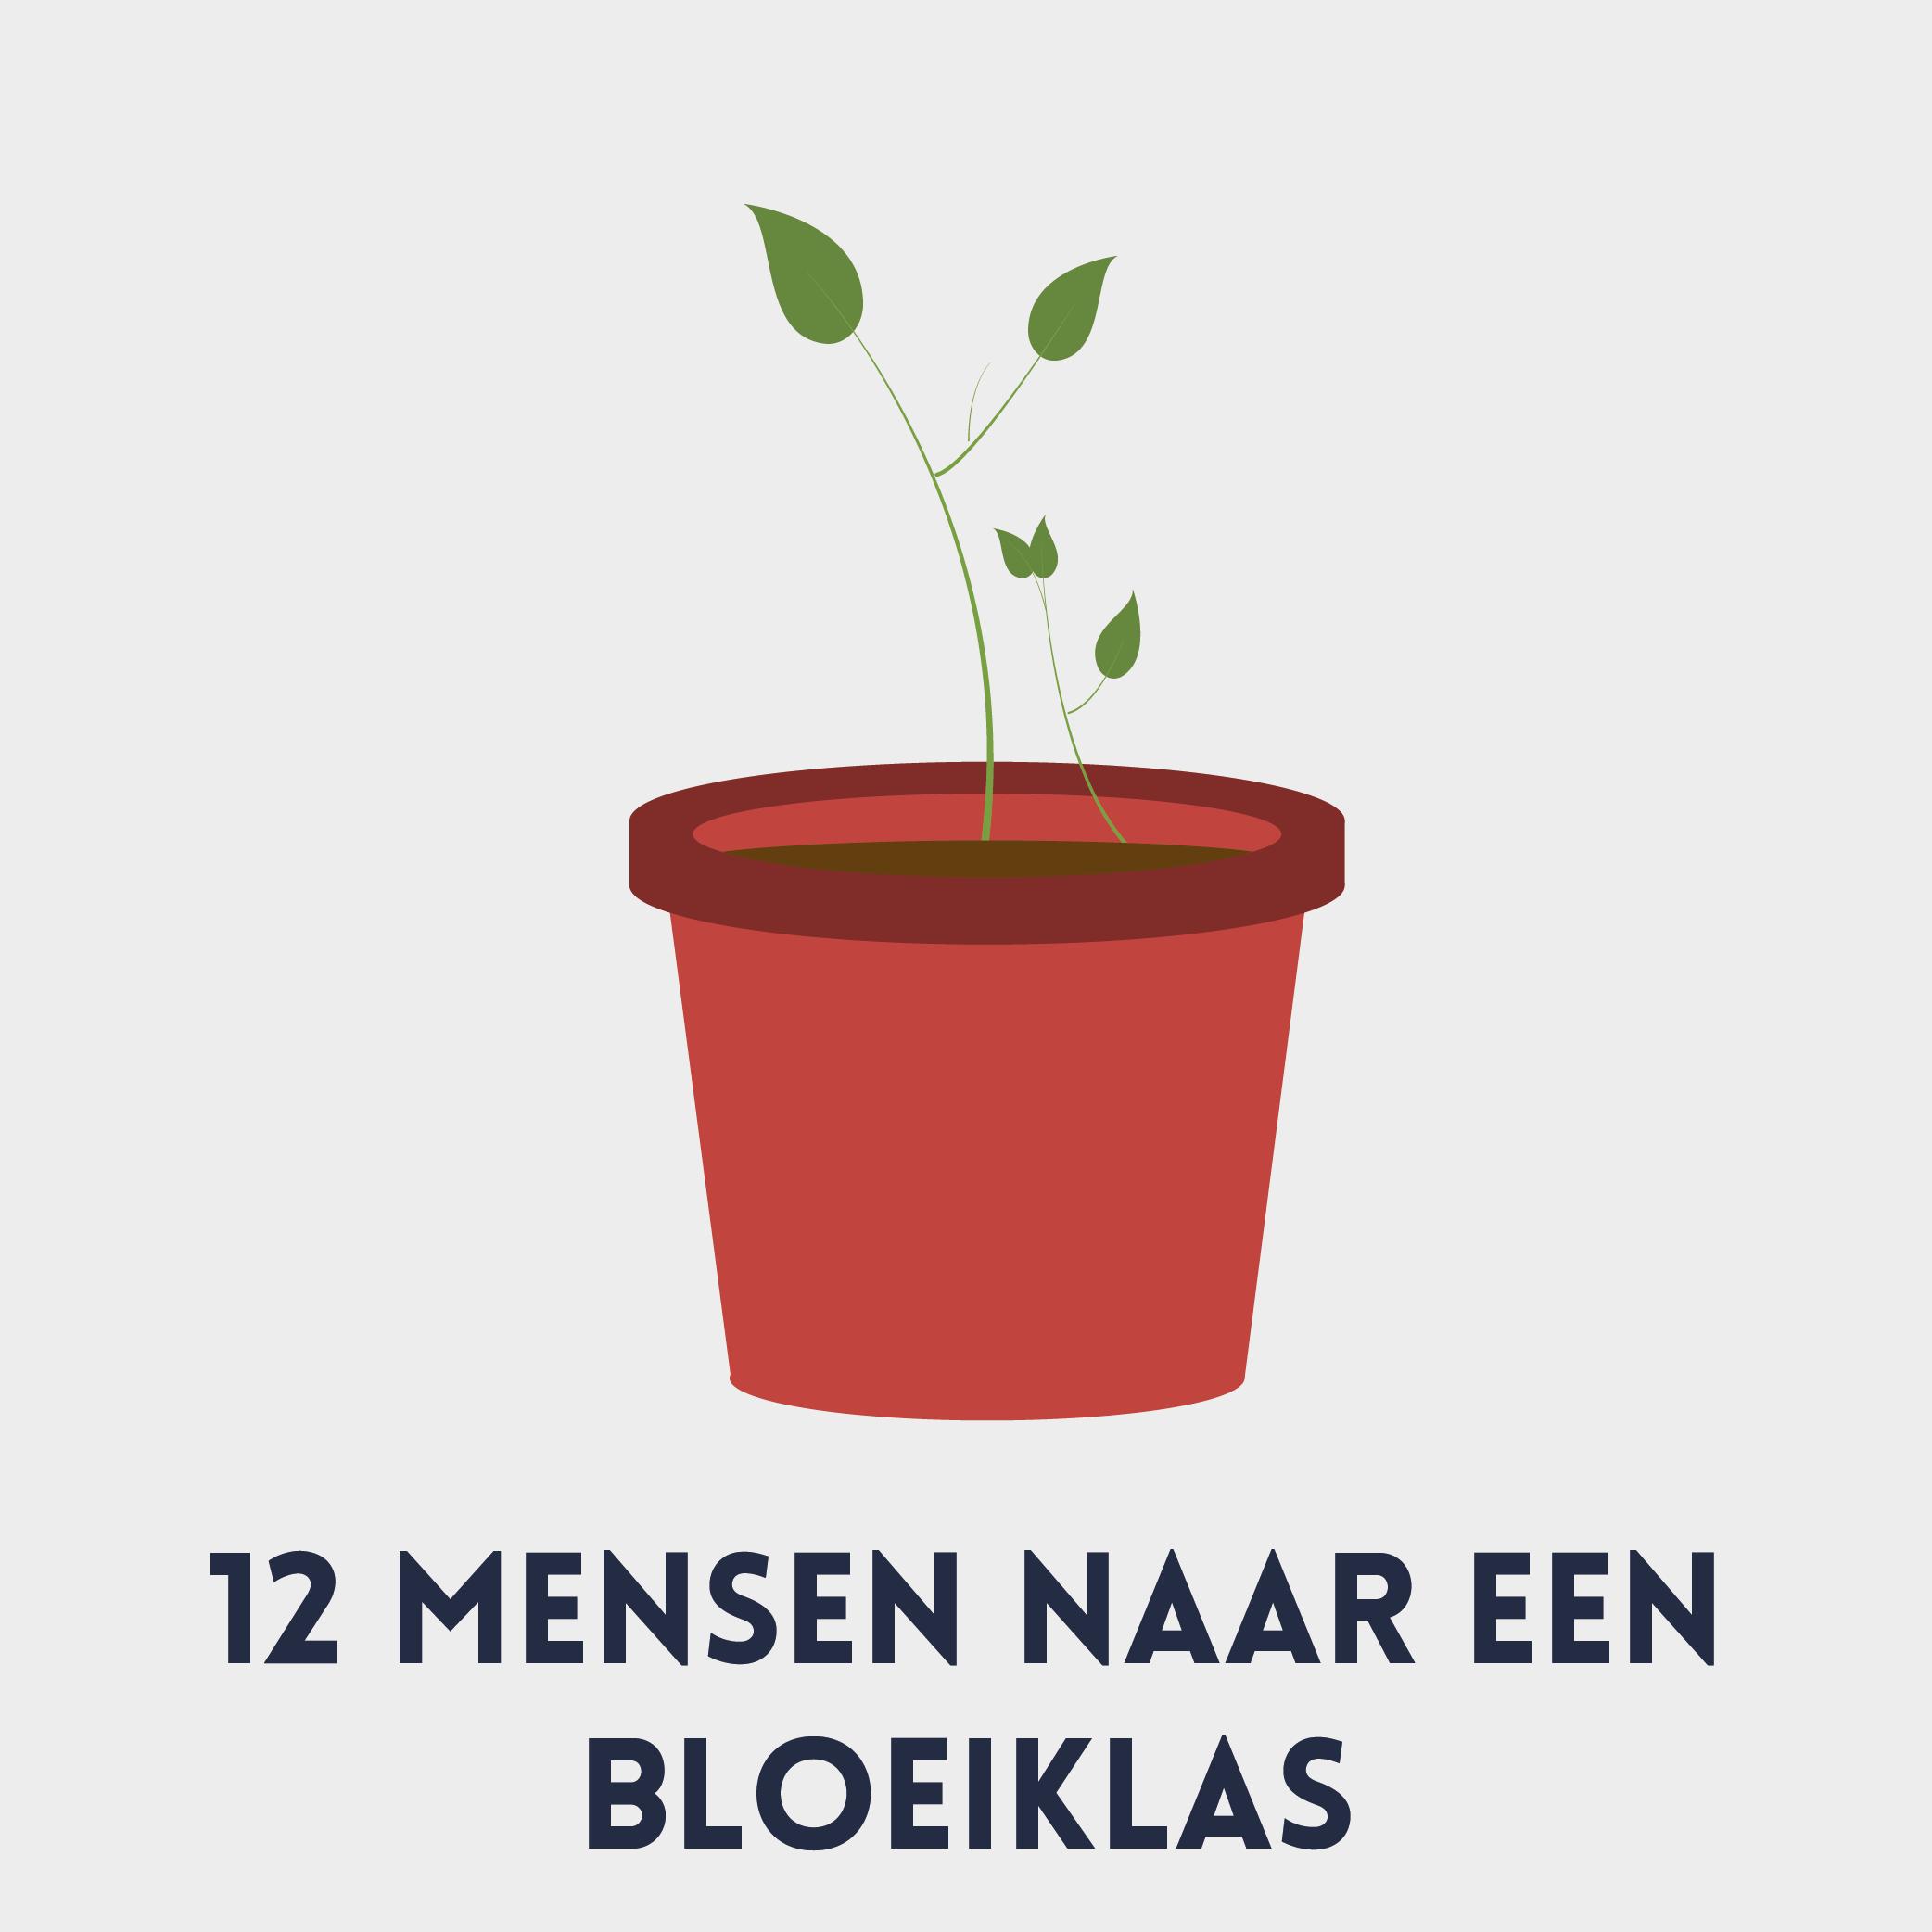 bloeiklas_Tekengebied 1-02